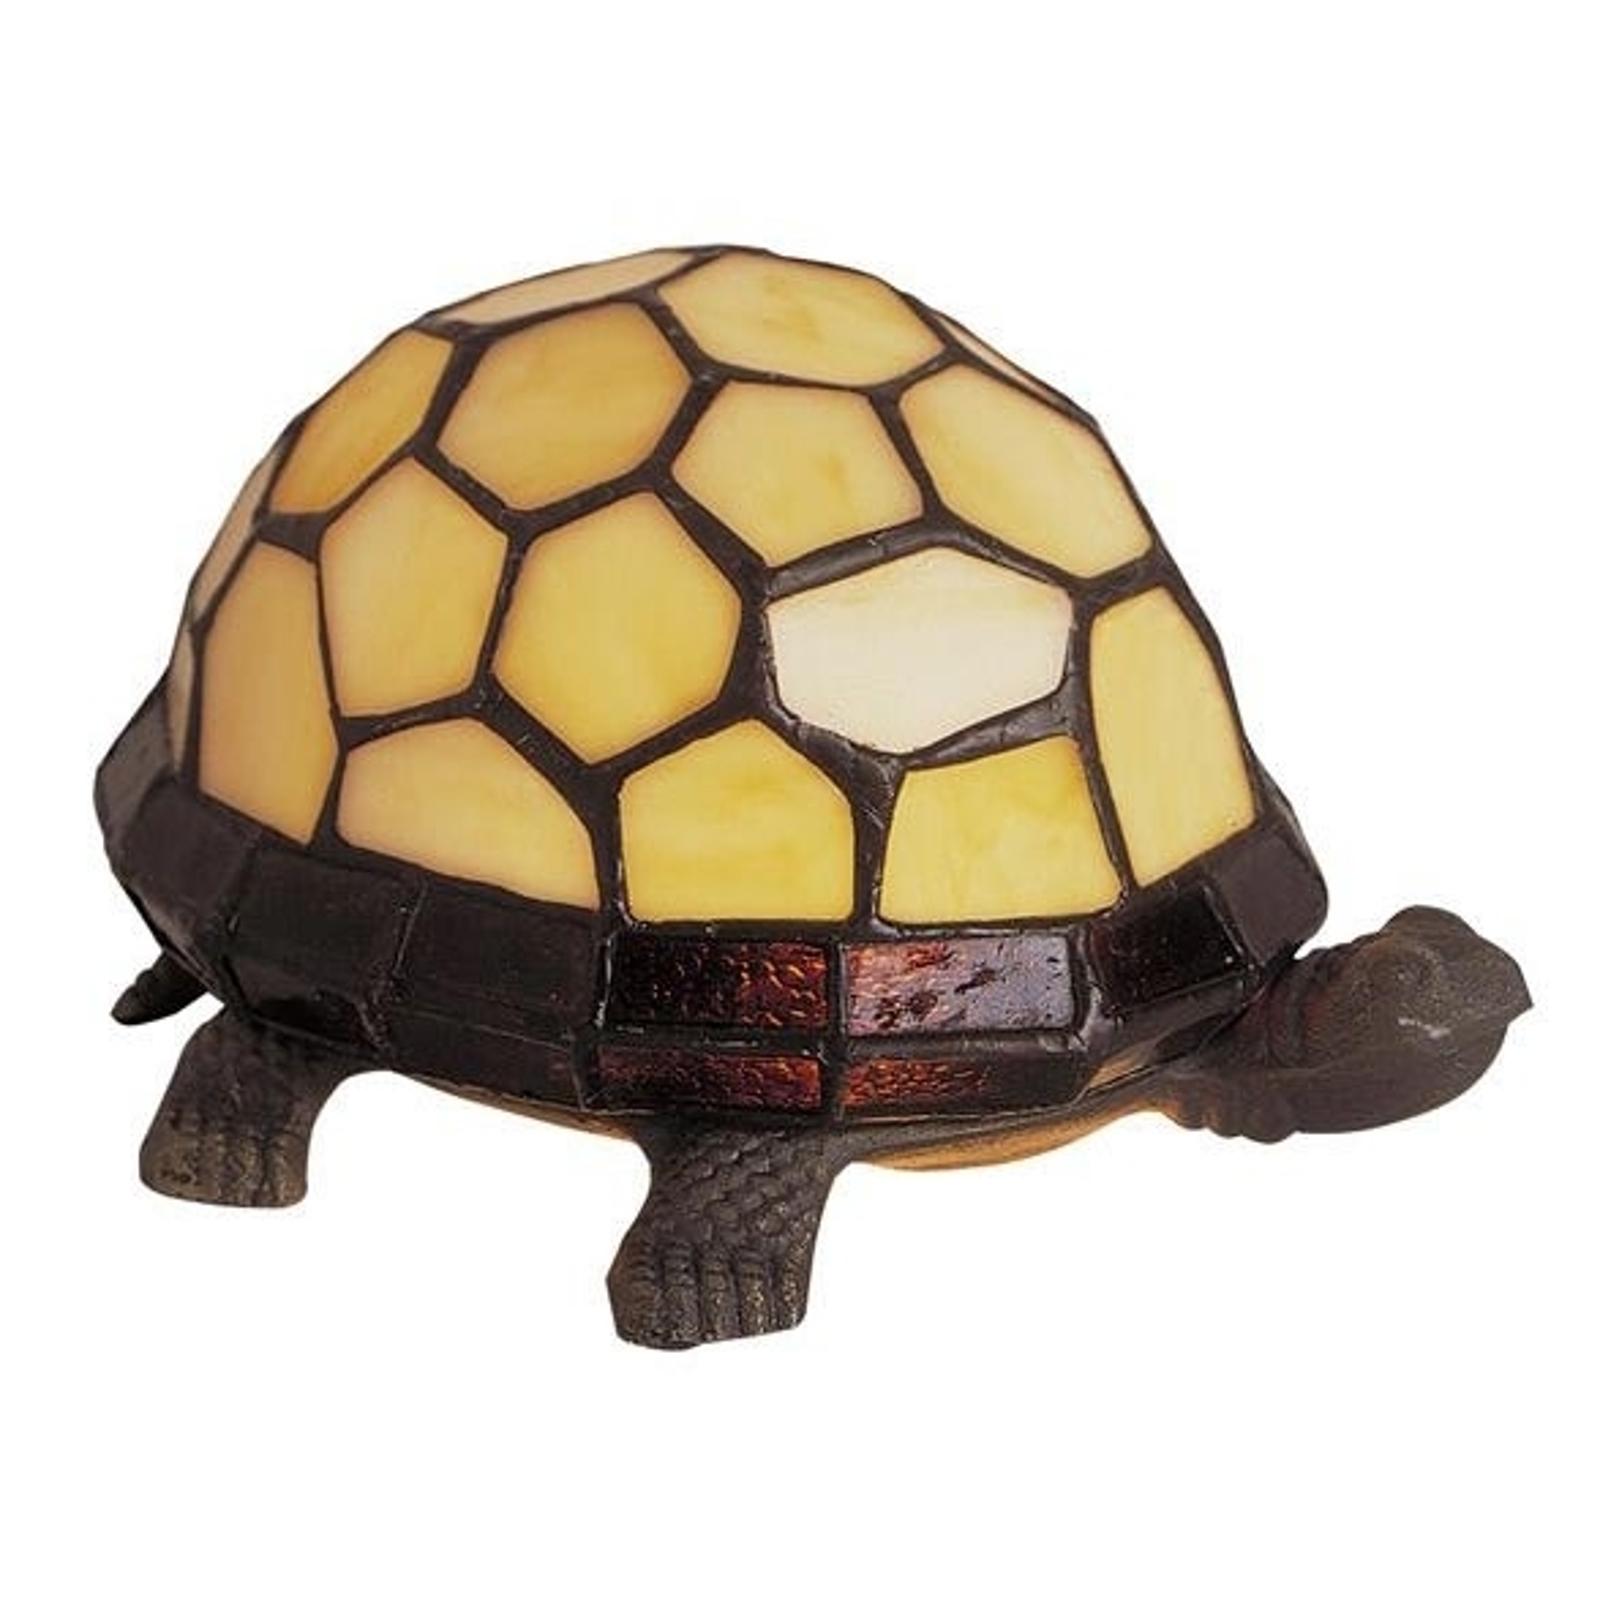 TORTUE - Tischleuchte als Schildkröte